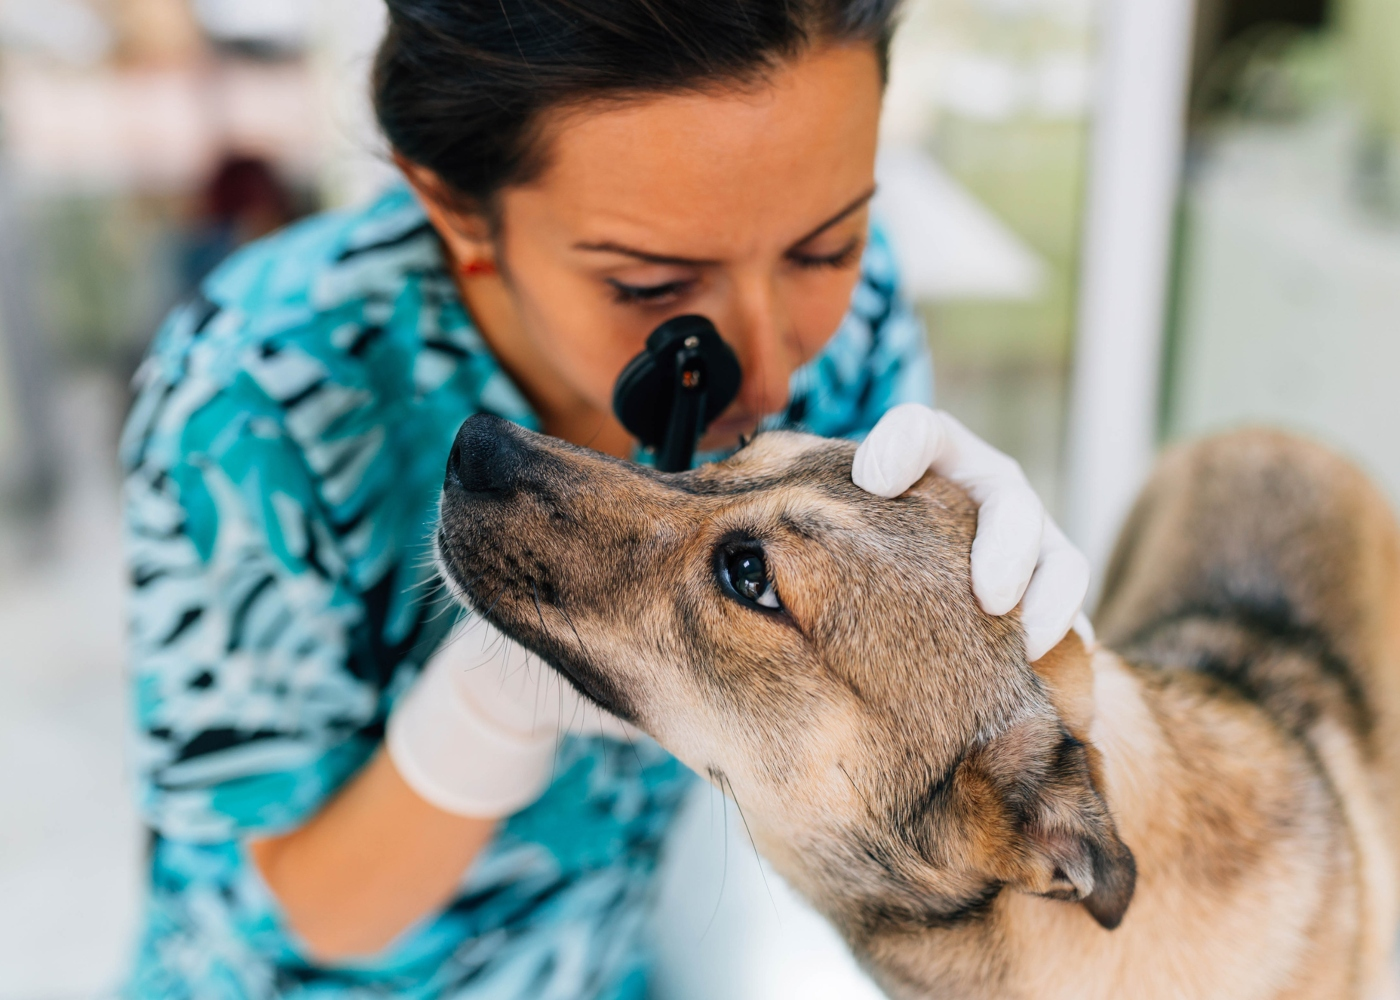 Veterinária a examinar olhos do cão